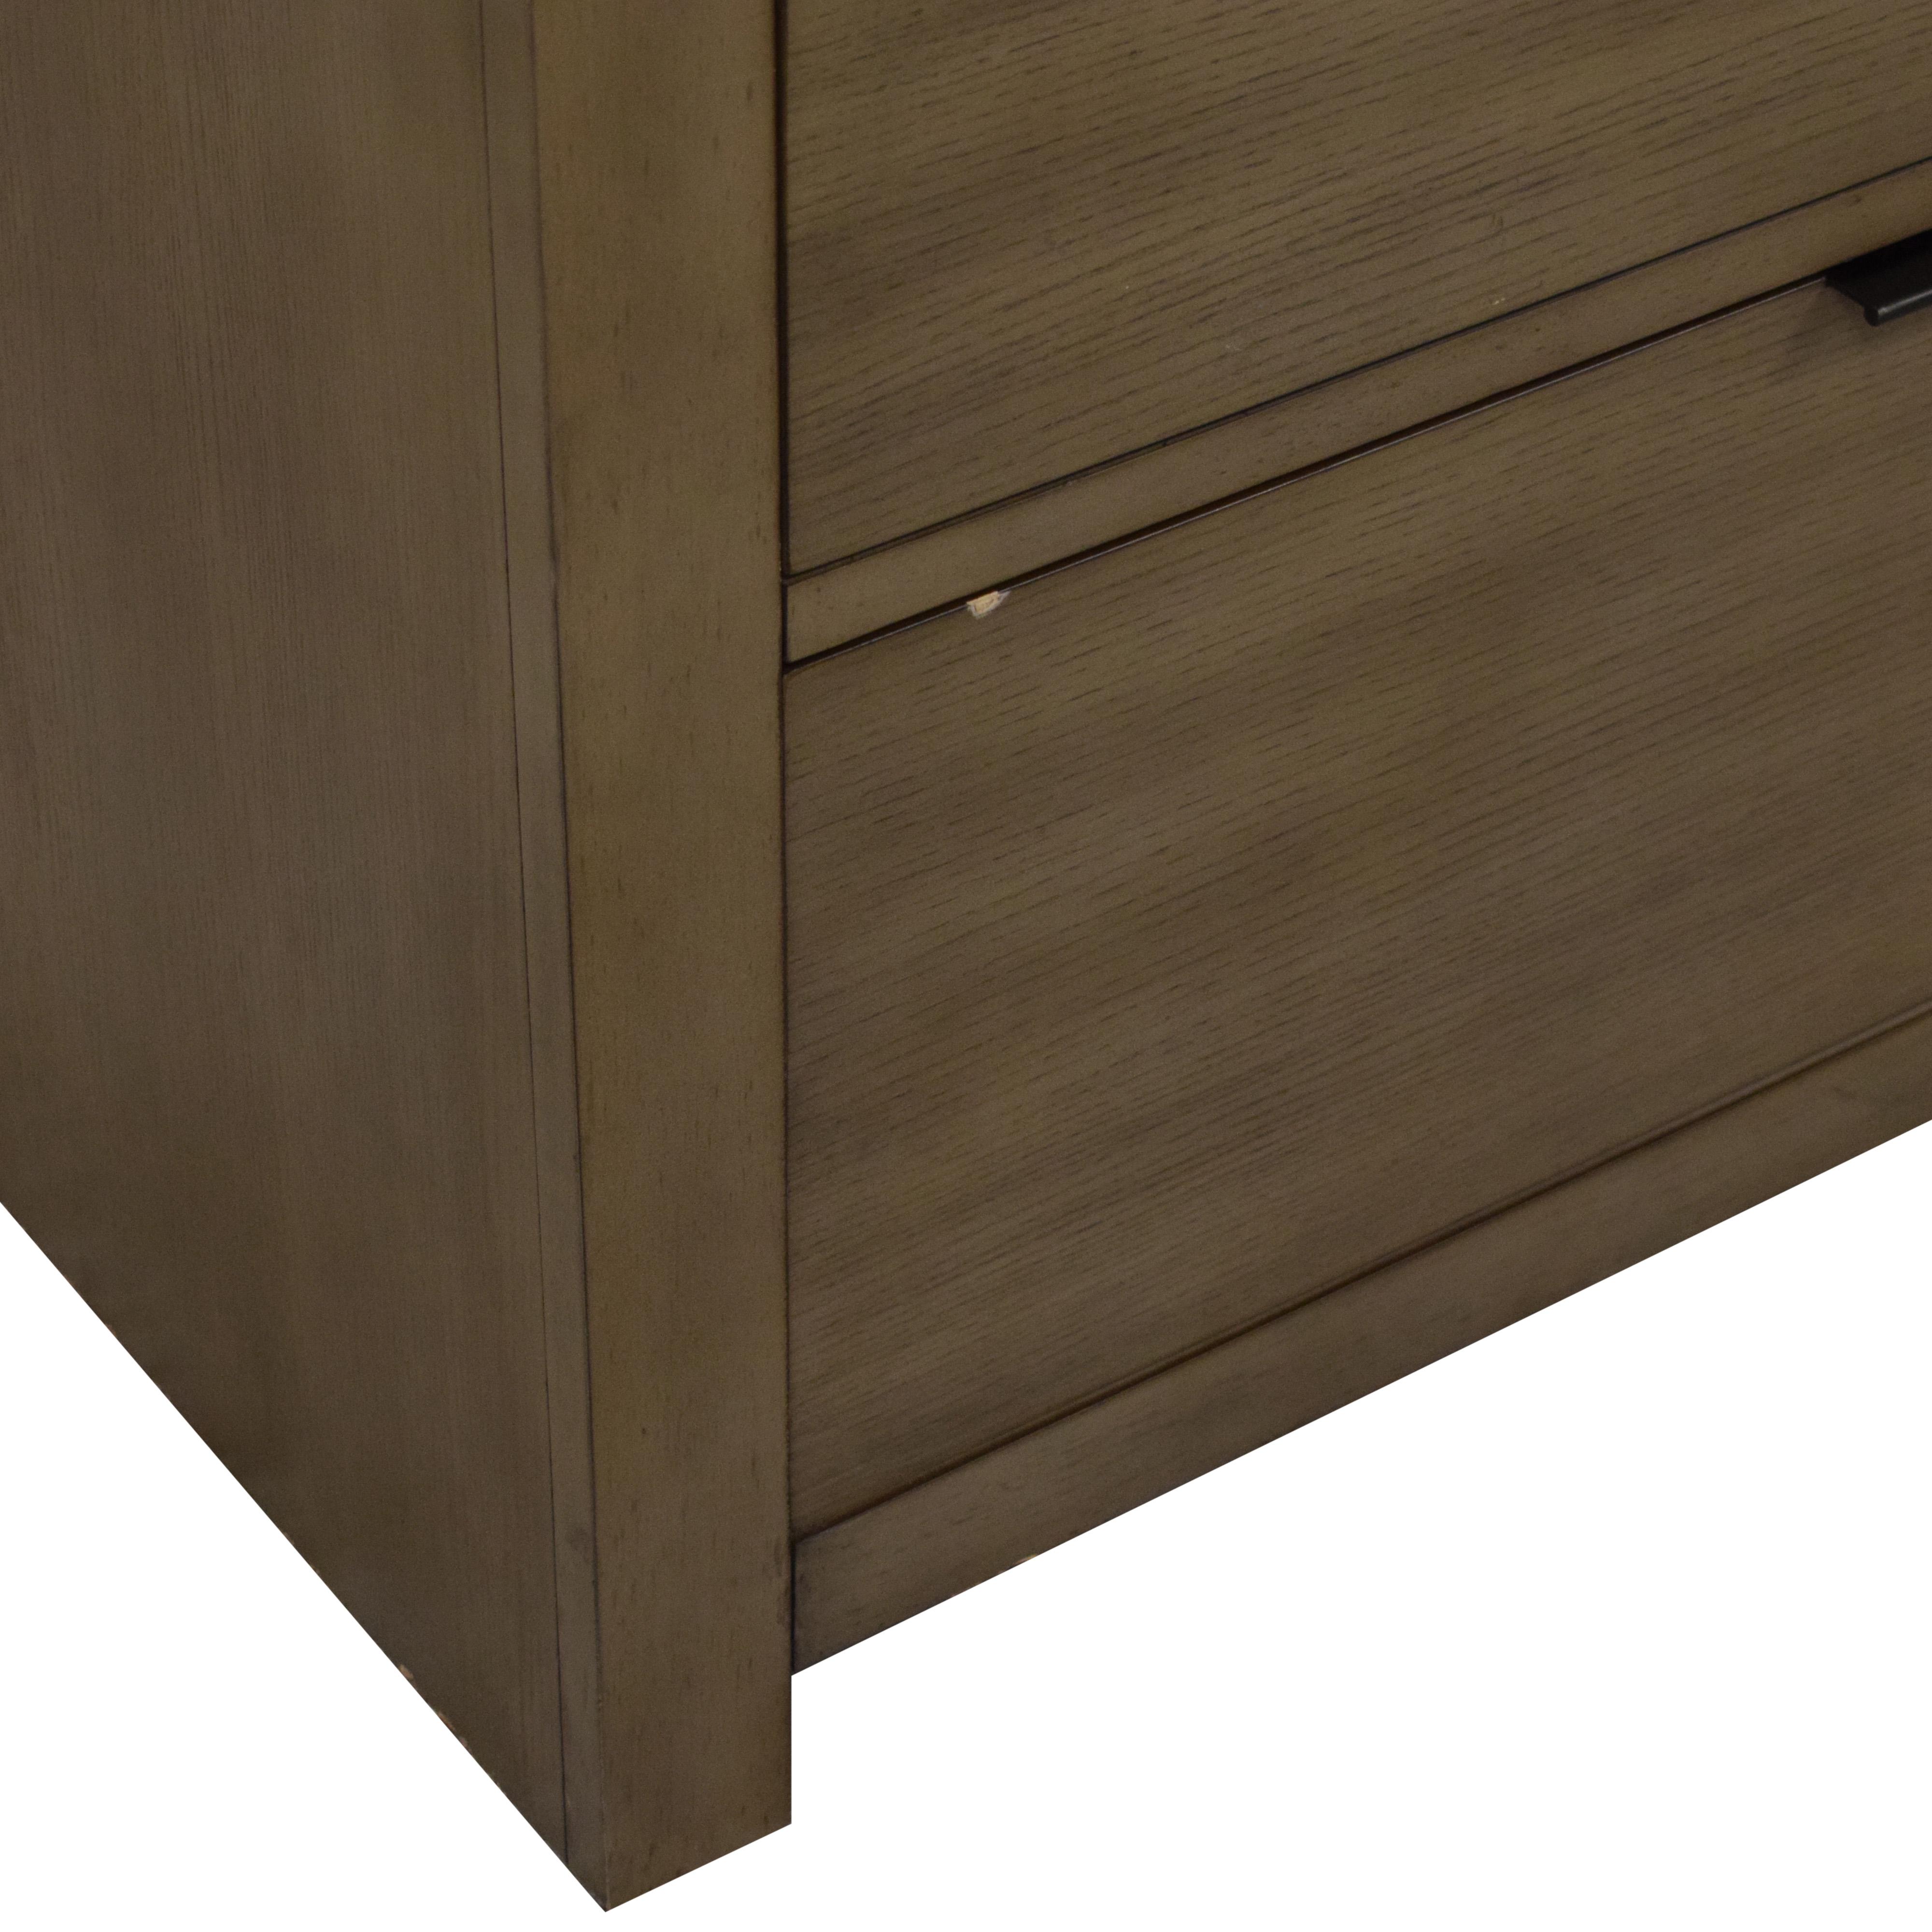 Macy's Tribeca 7 Drawer Dresser / Storage